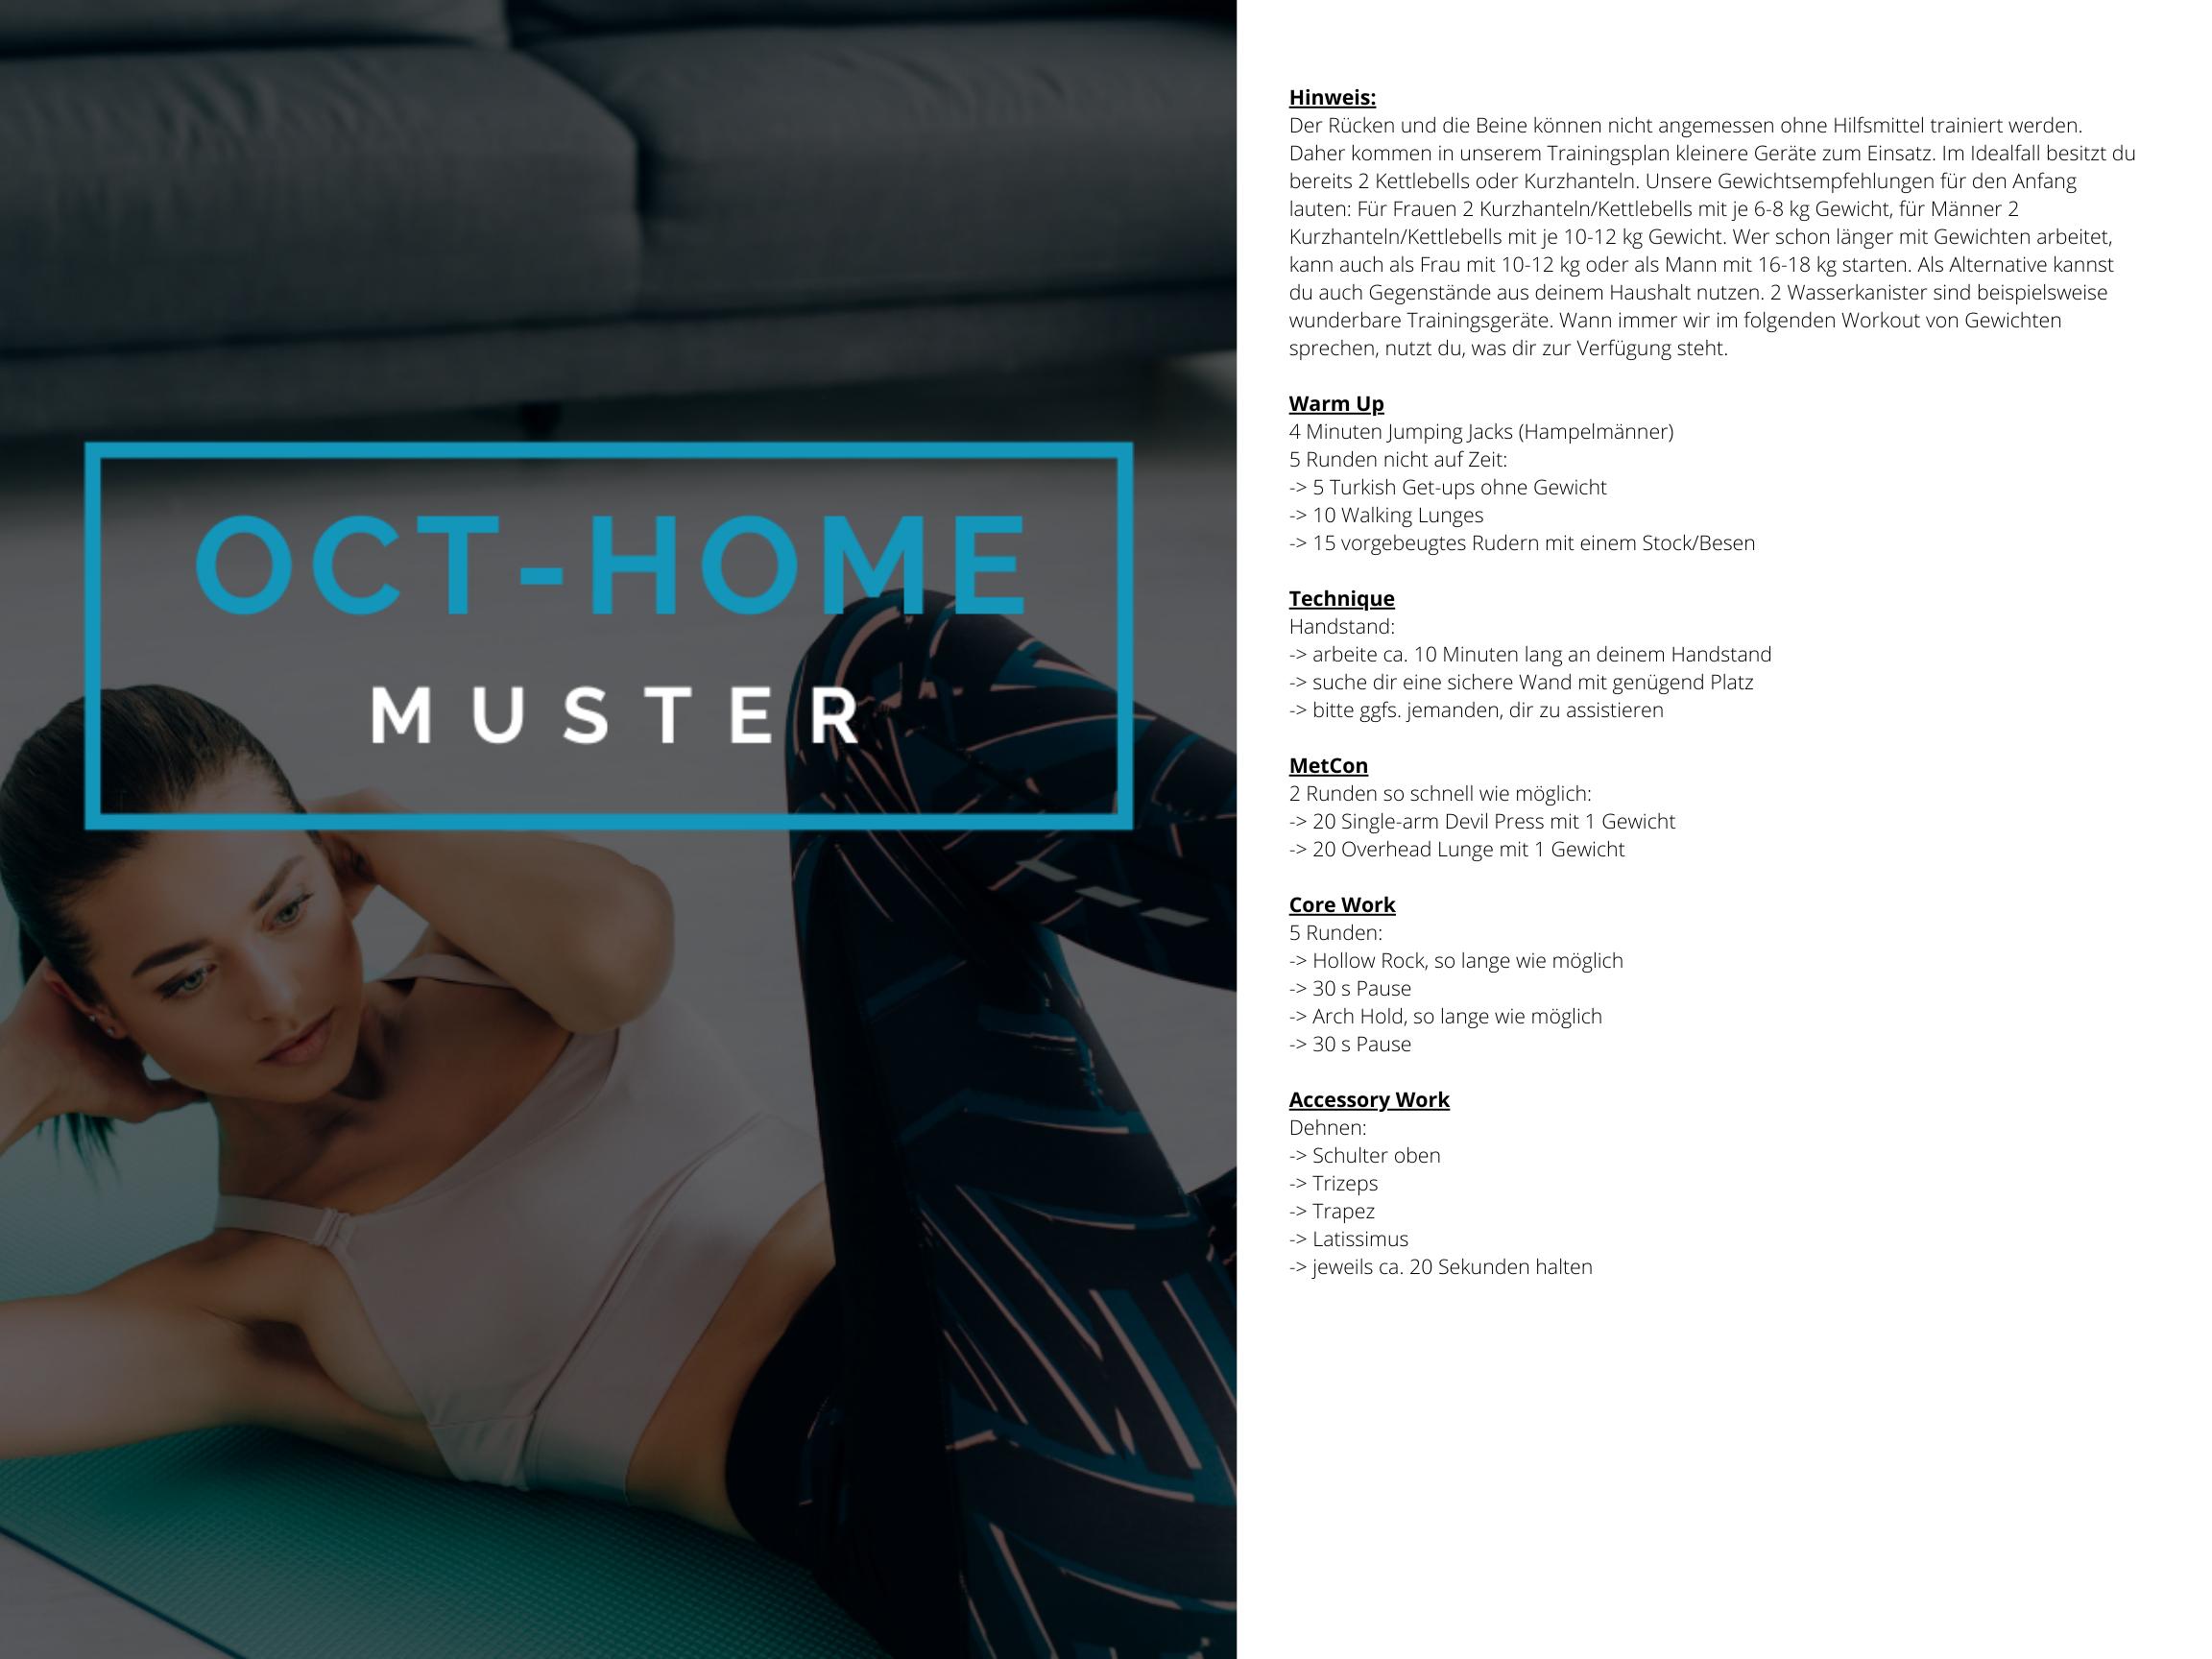 OCT-HOME Muster Trainingsplan 3